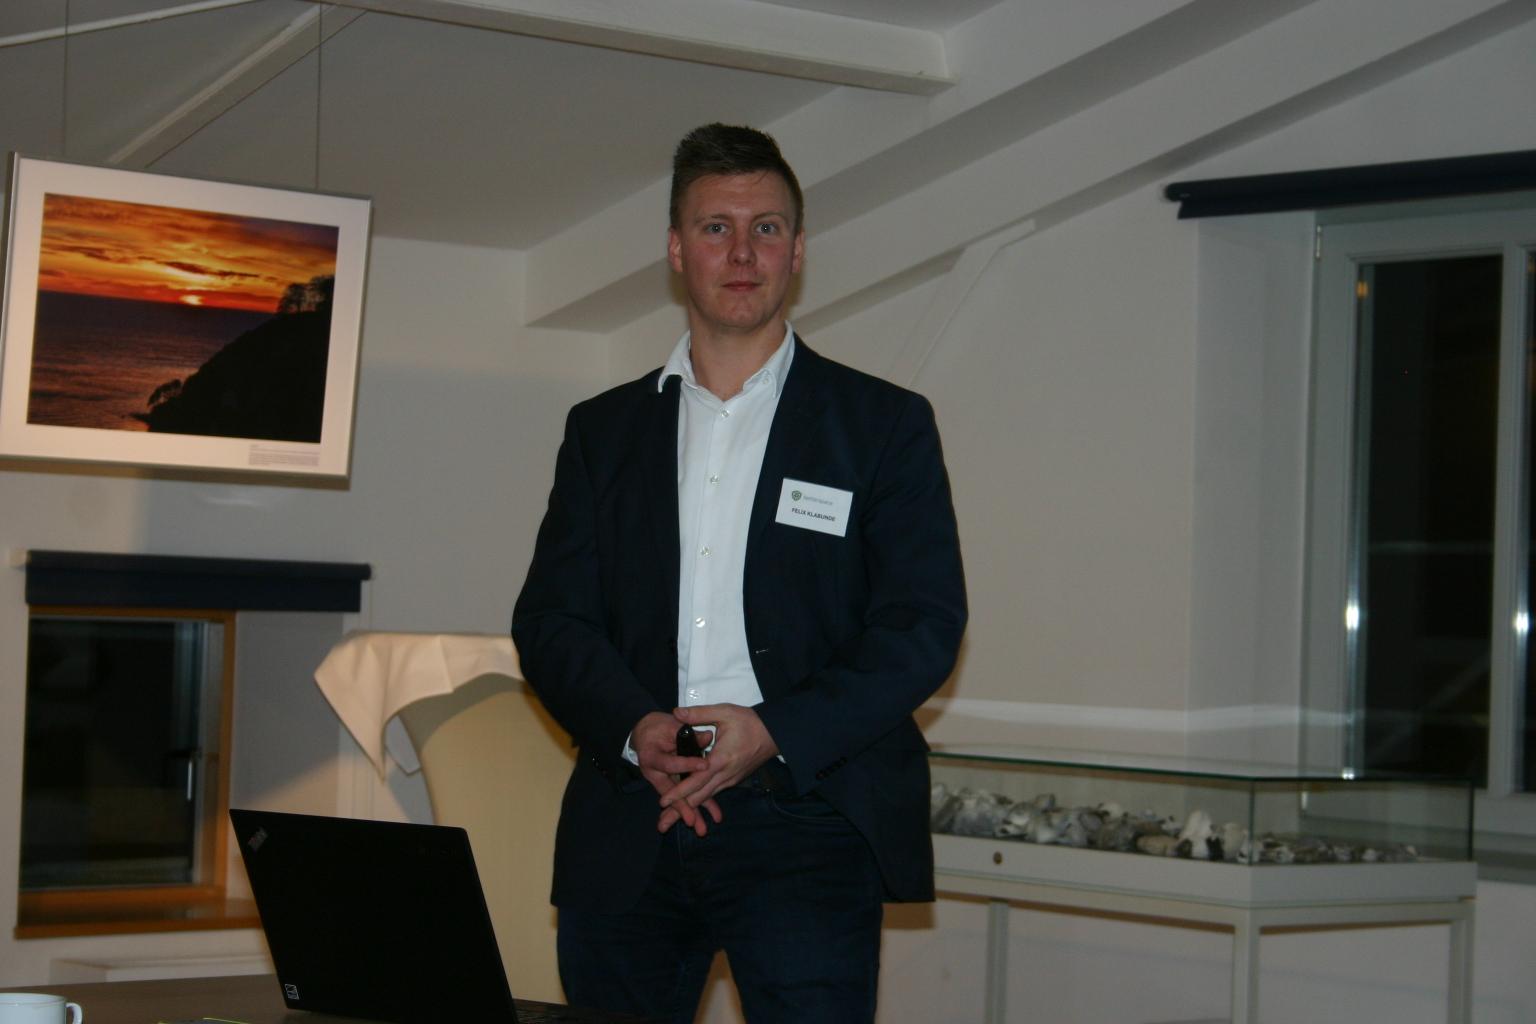 BU: Felix Klabunde von der betterspace GmbH (v. r.) erläutert Energieeinsparmöglichkeiten mit iQ Roomcontrol (Foto: Peter Täufel)